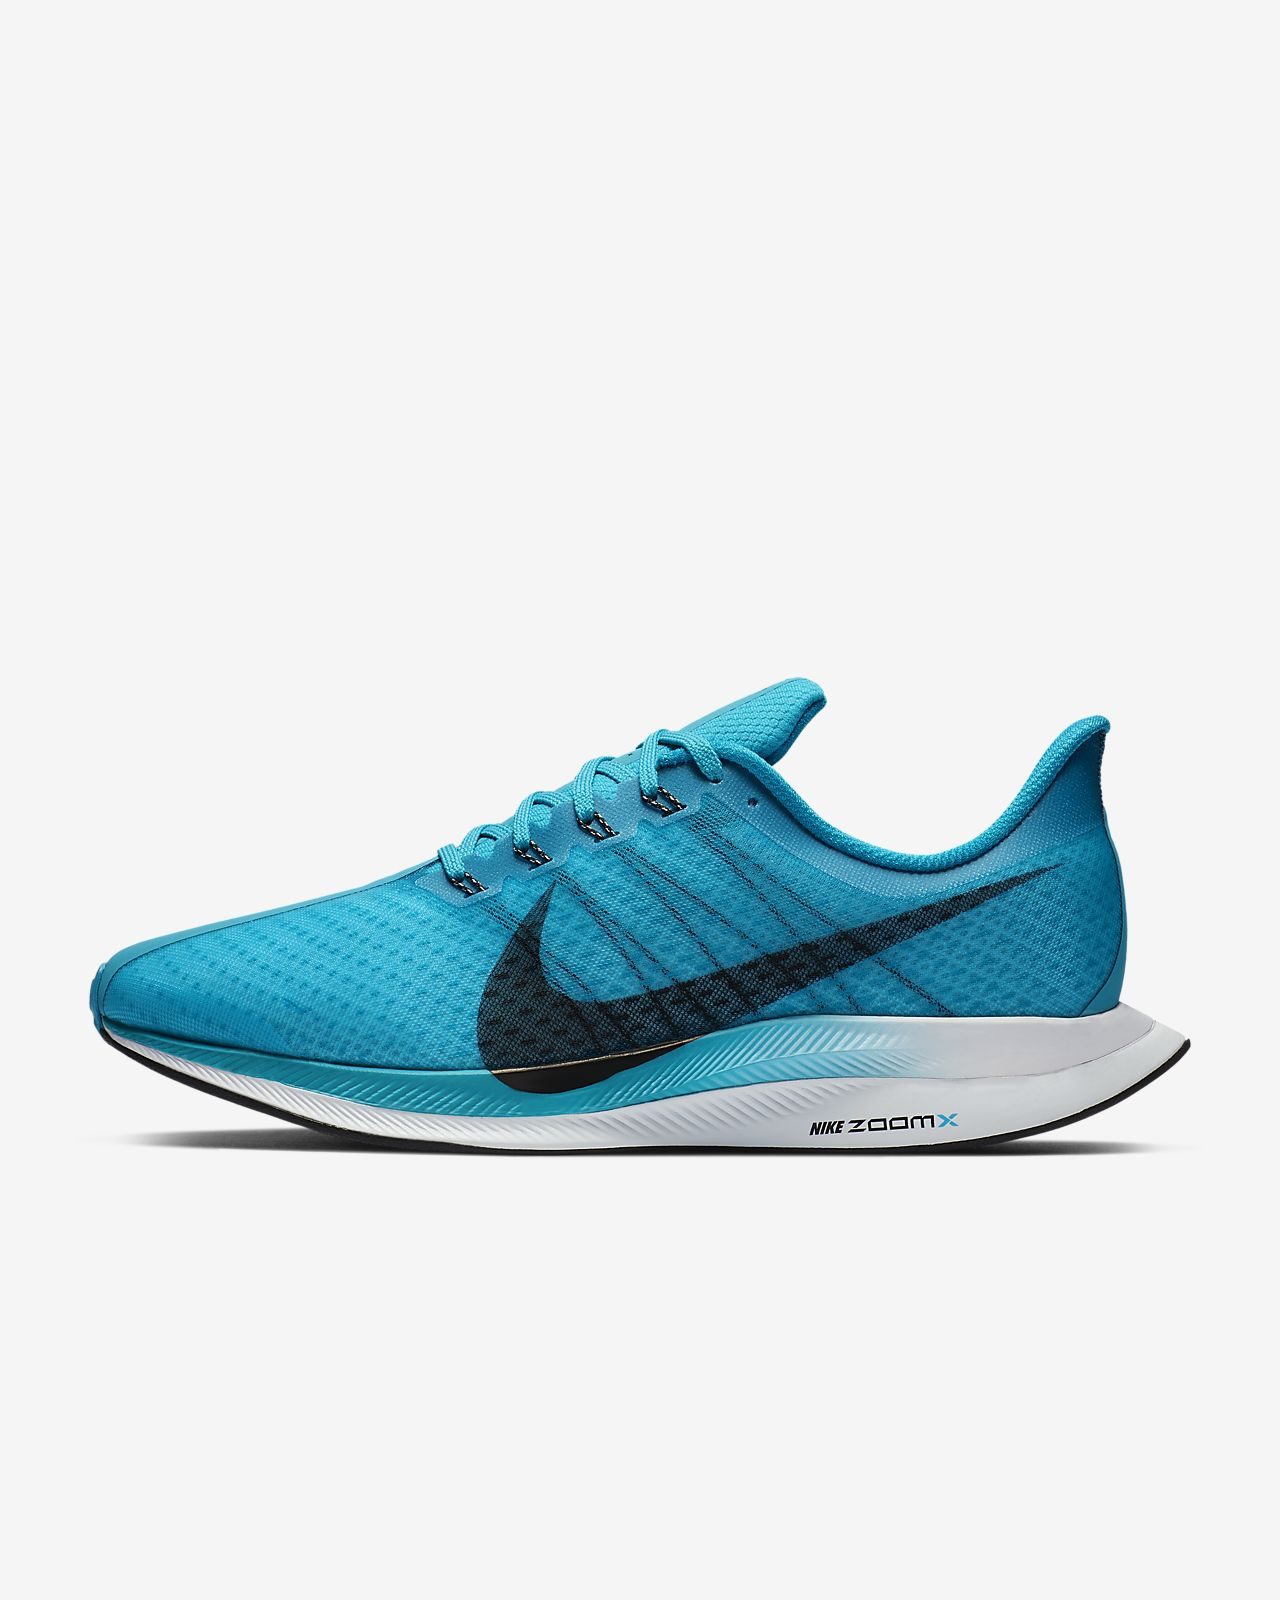 Nike Zoom Pegasus 35 Turbo Men's Running Shoe